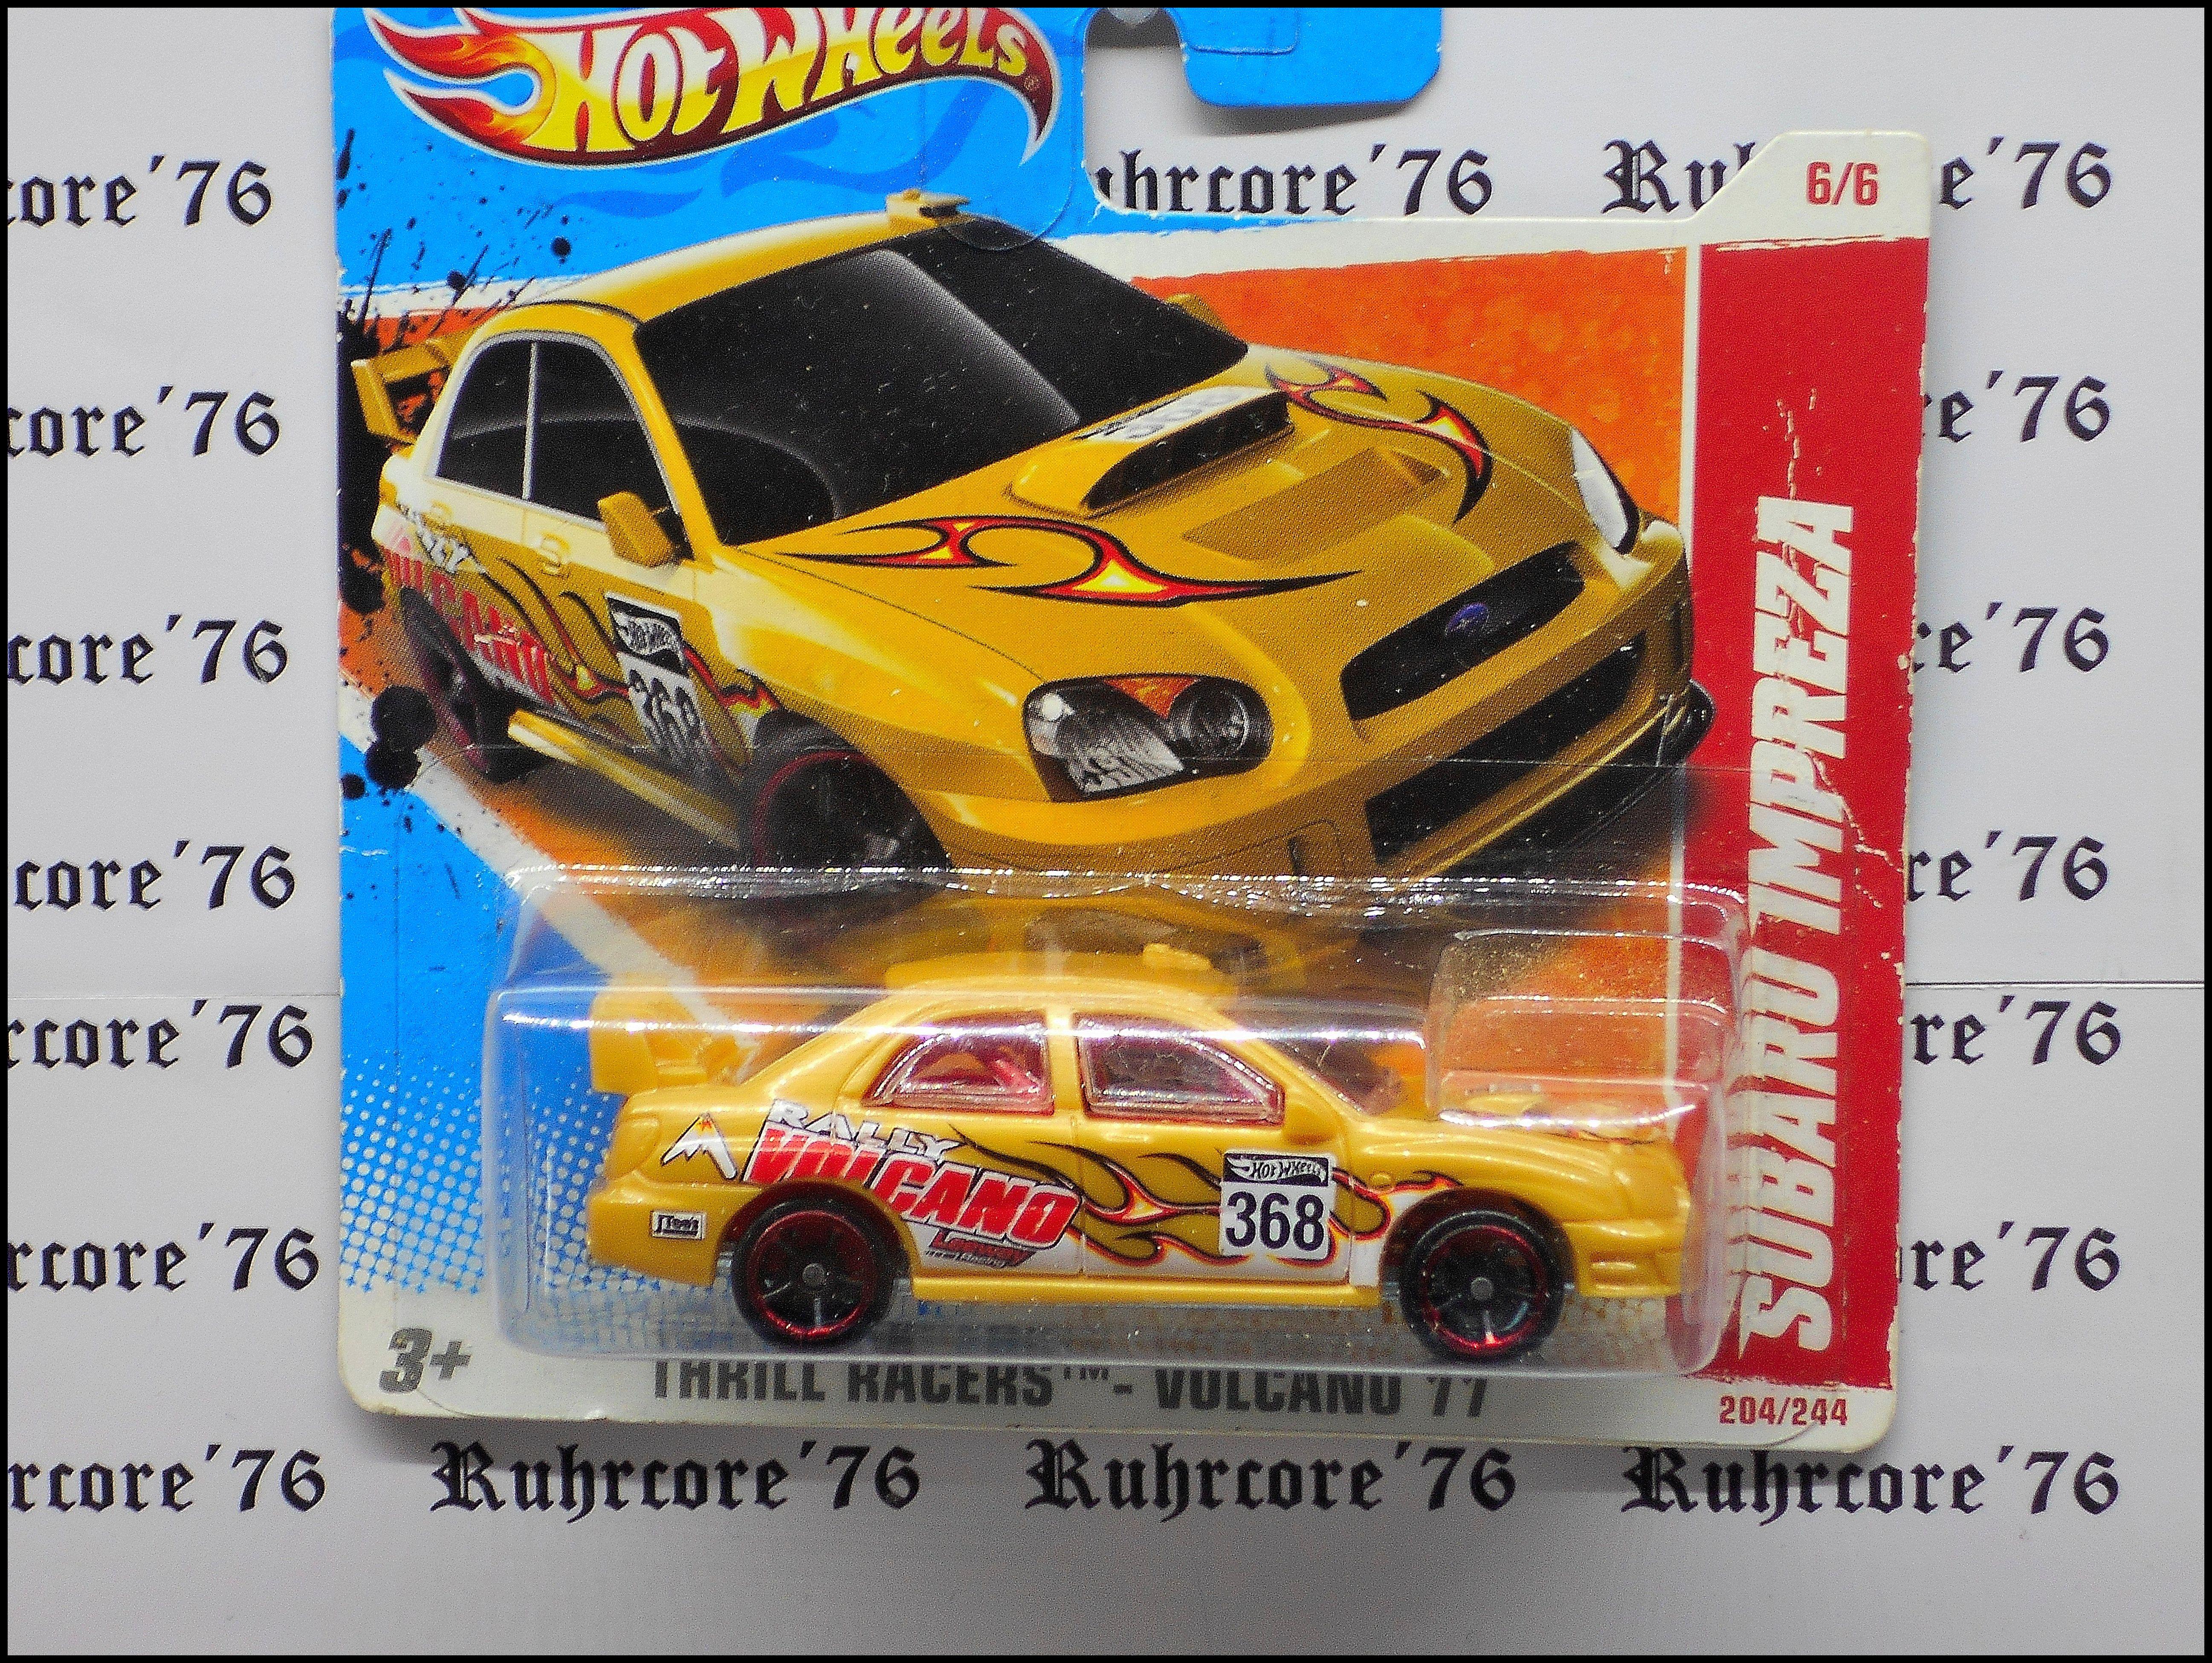 Hot Wheels Subaru Impreza Wrx 2004 Subaru Subaru Impreza Hot Wheels